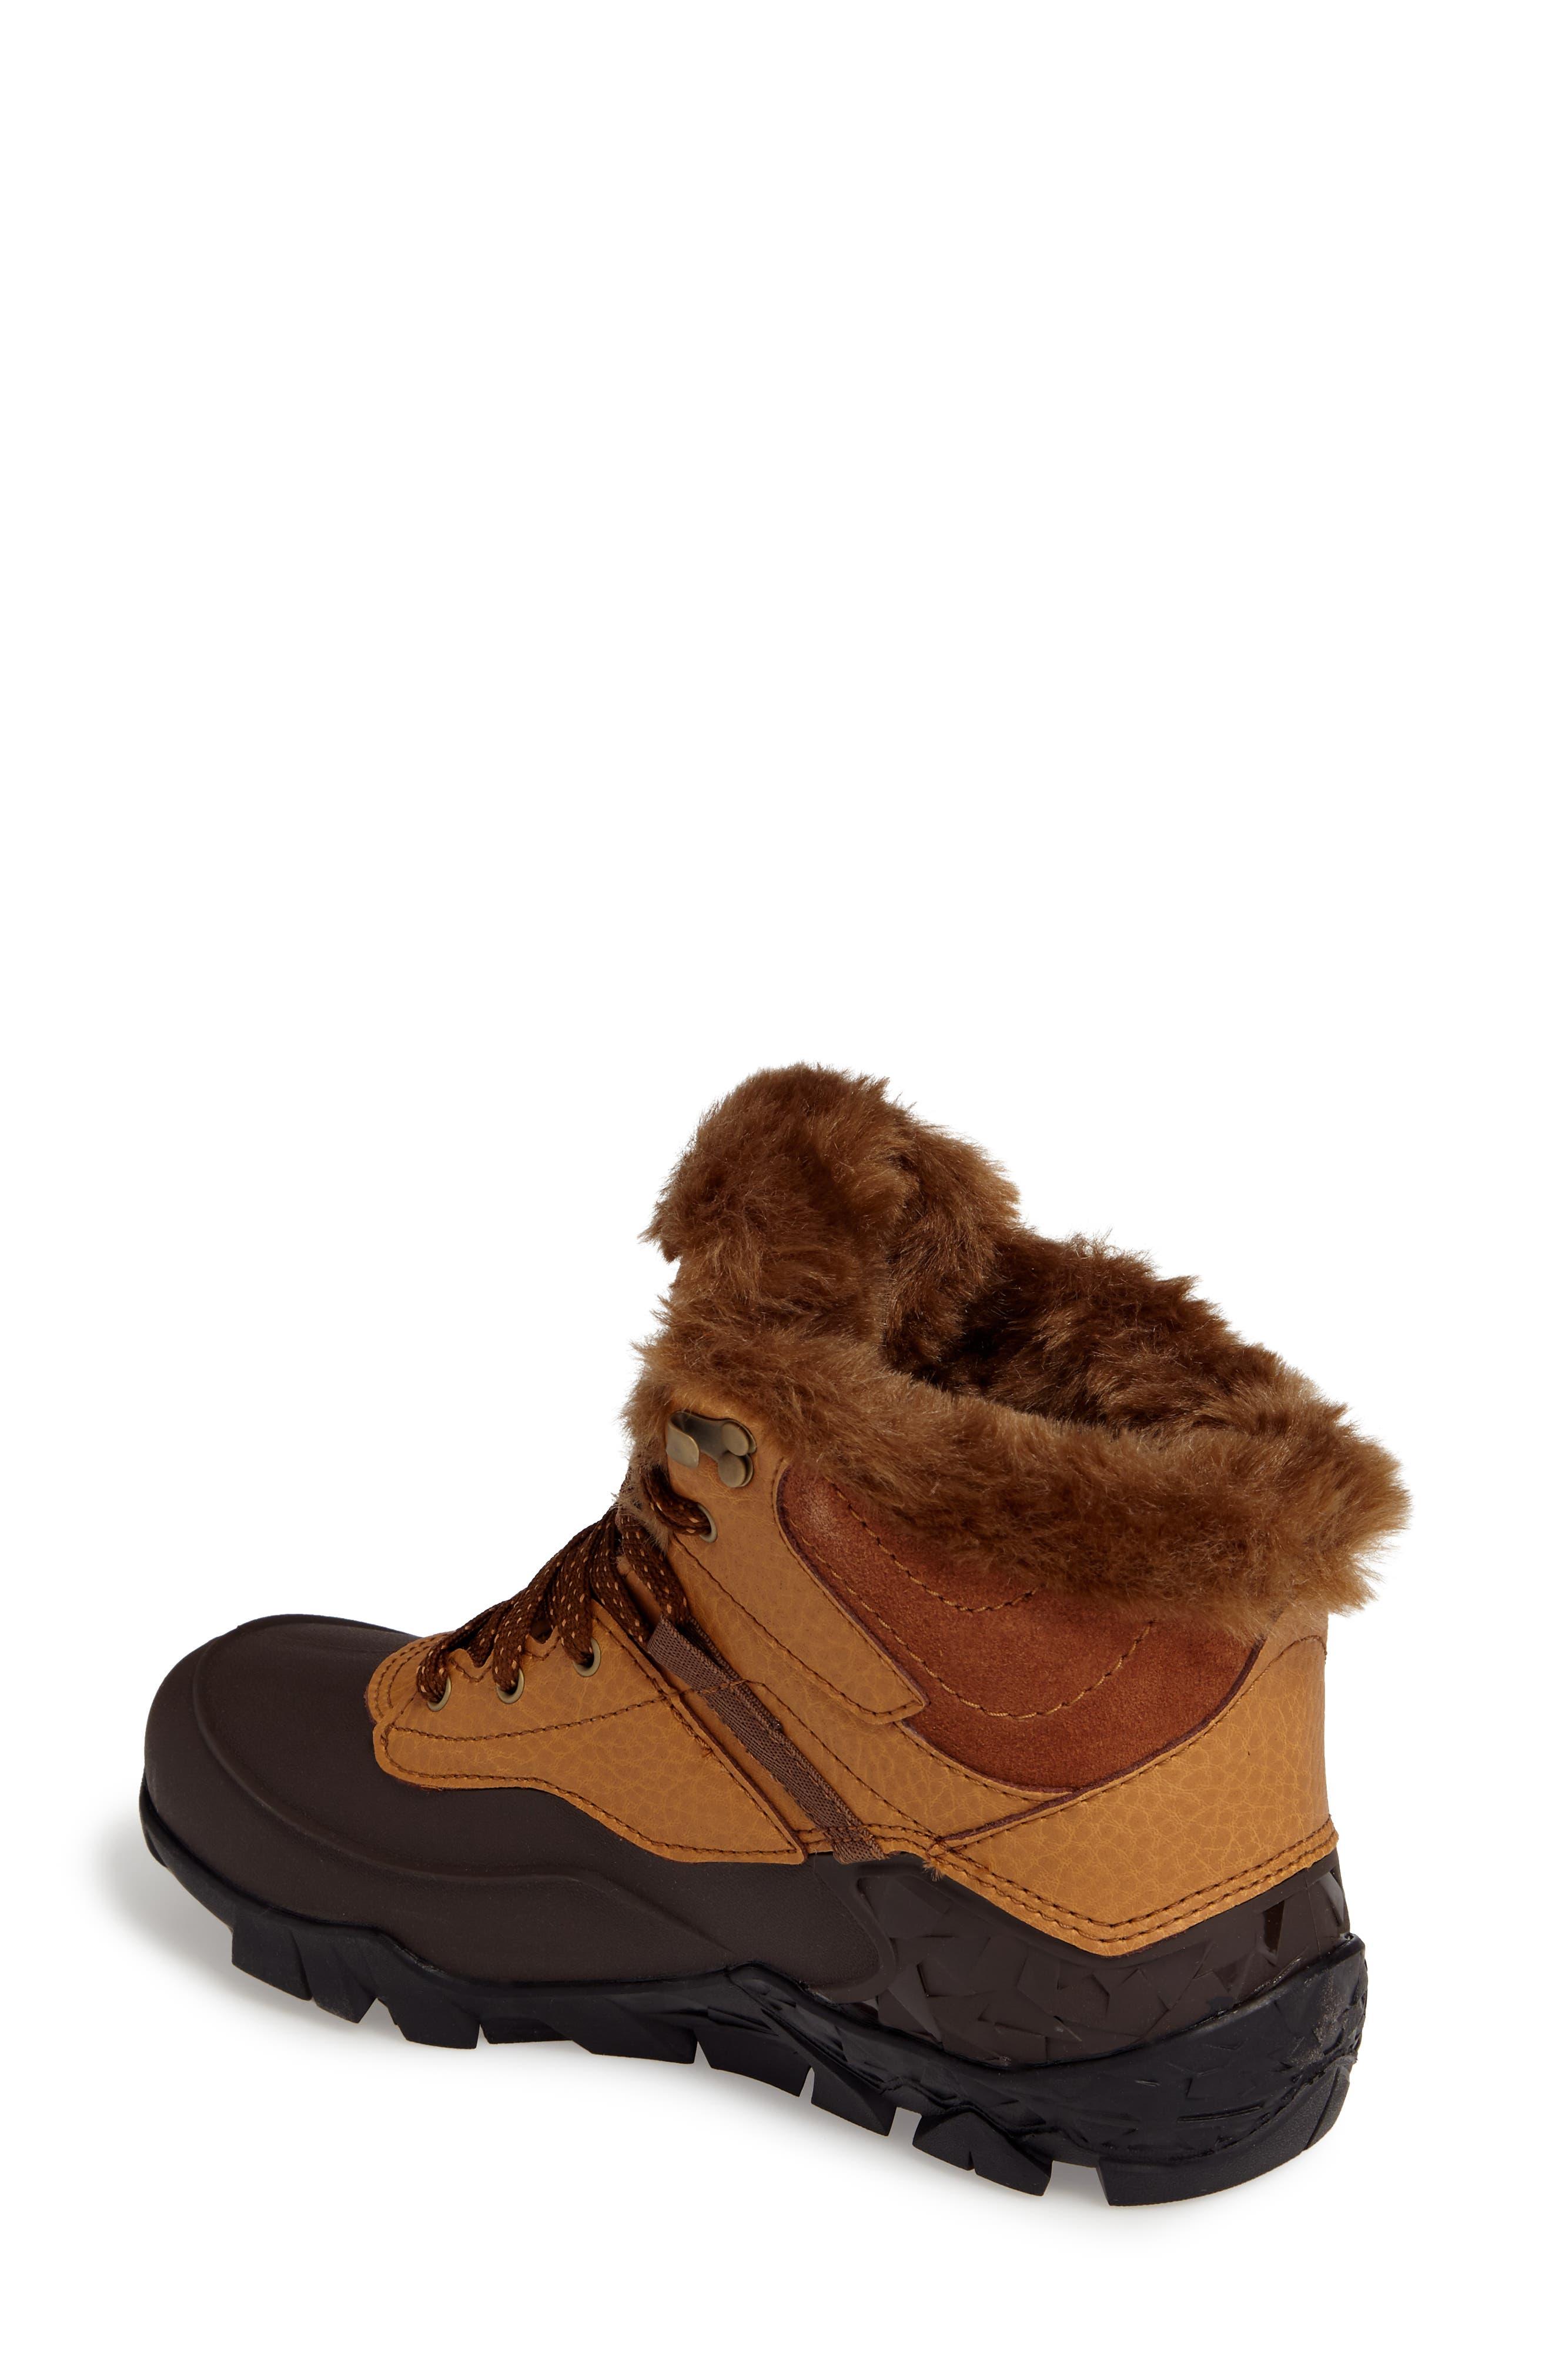 Alternate Image 2  - Merrell Aurora 6 Ice+ Waterproof Boot (Women)